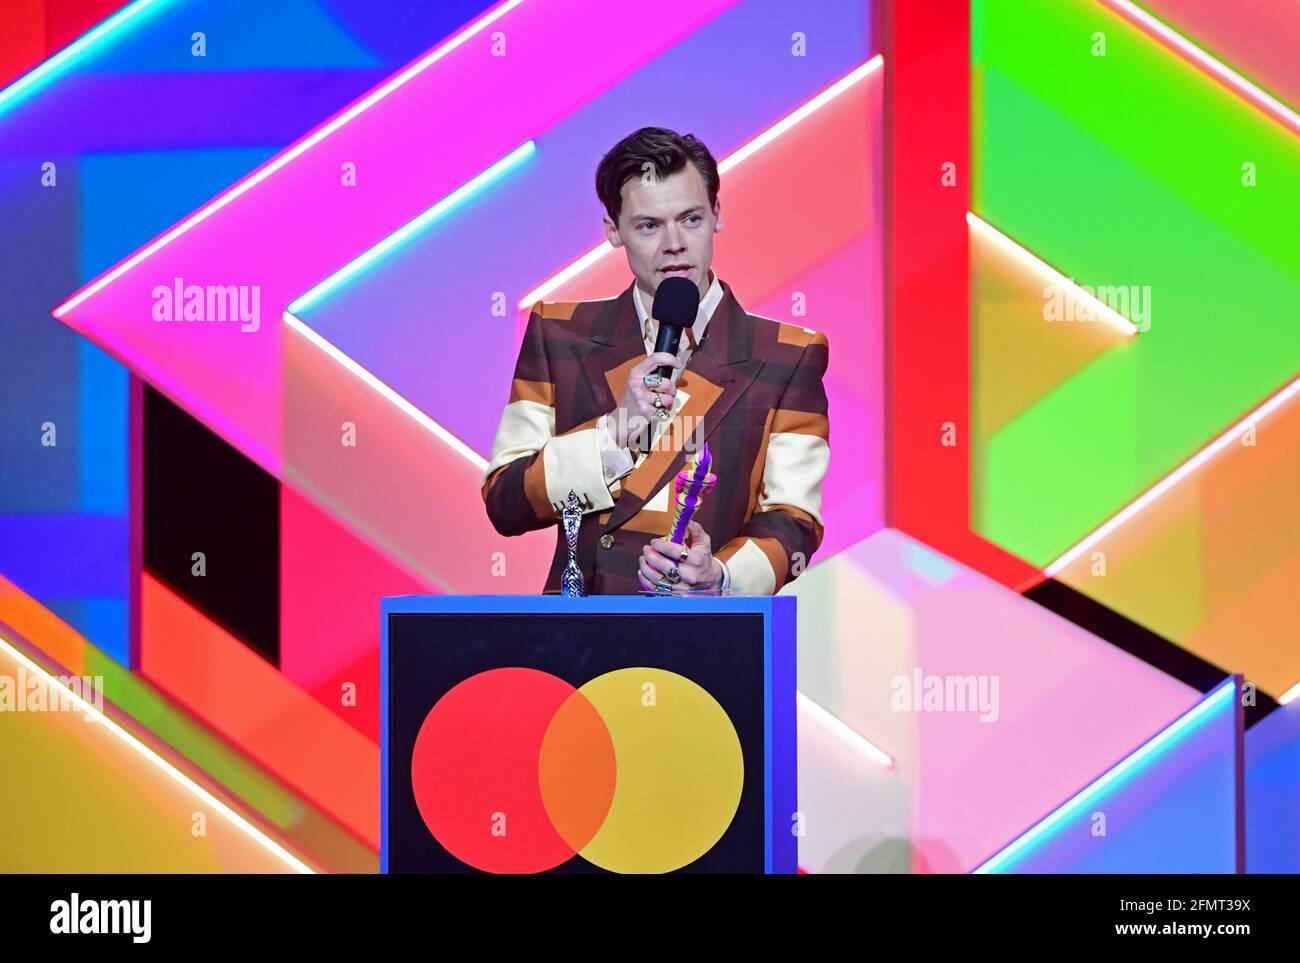 Harry Styles nimmt den Preis für die British Single während der Brit Awards 2021 in der O2 Arena, London, entgegen. Bilddatum: Dienstag, 11. Mai 2021. Stockfoto